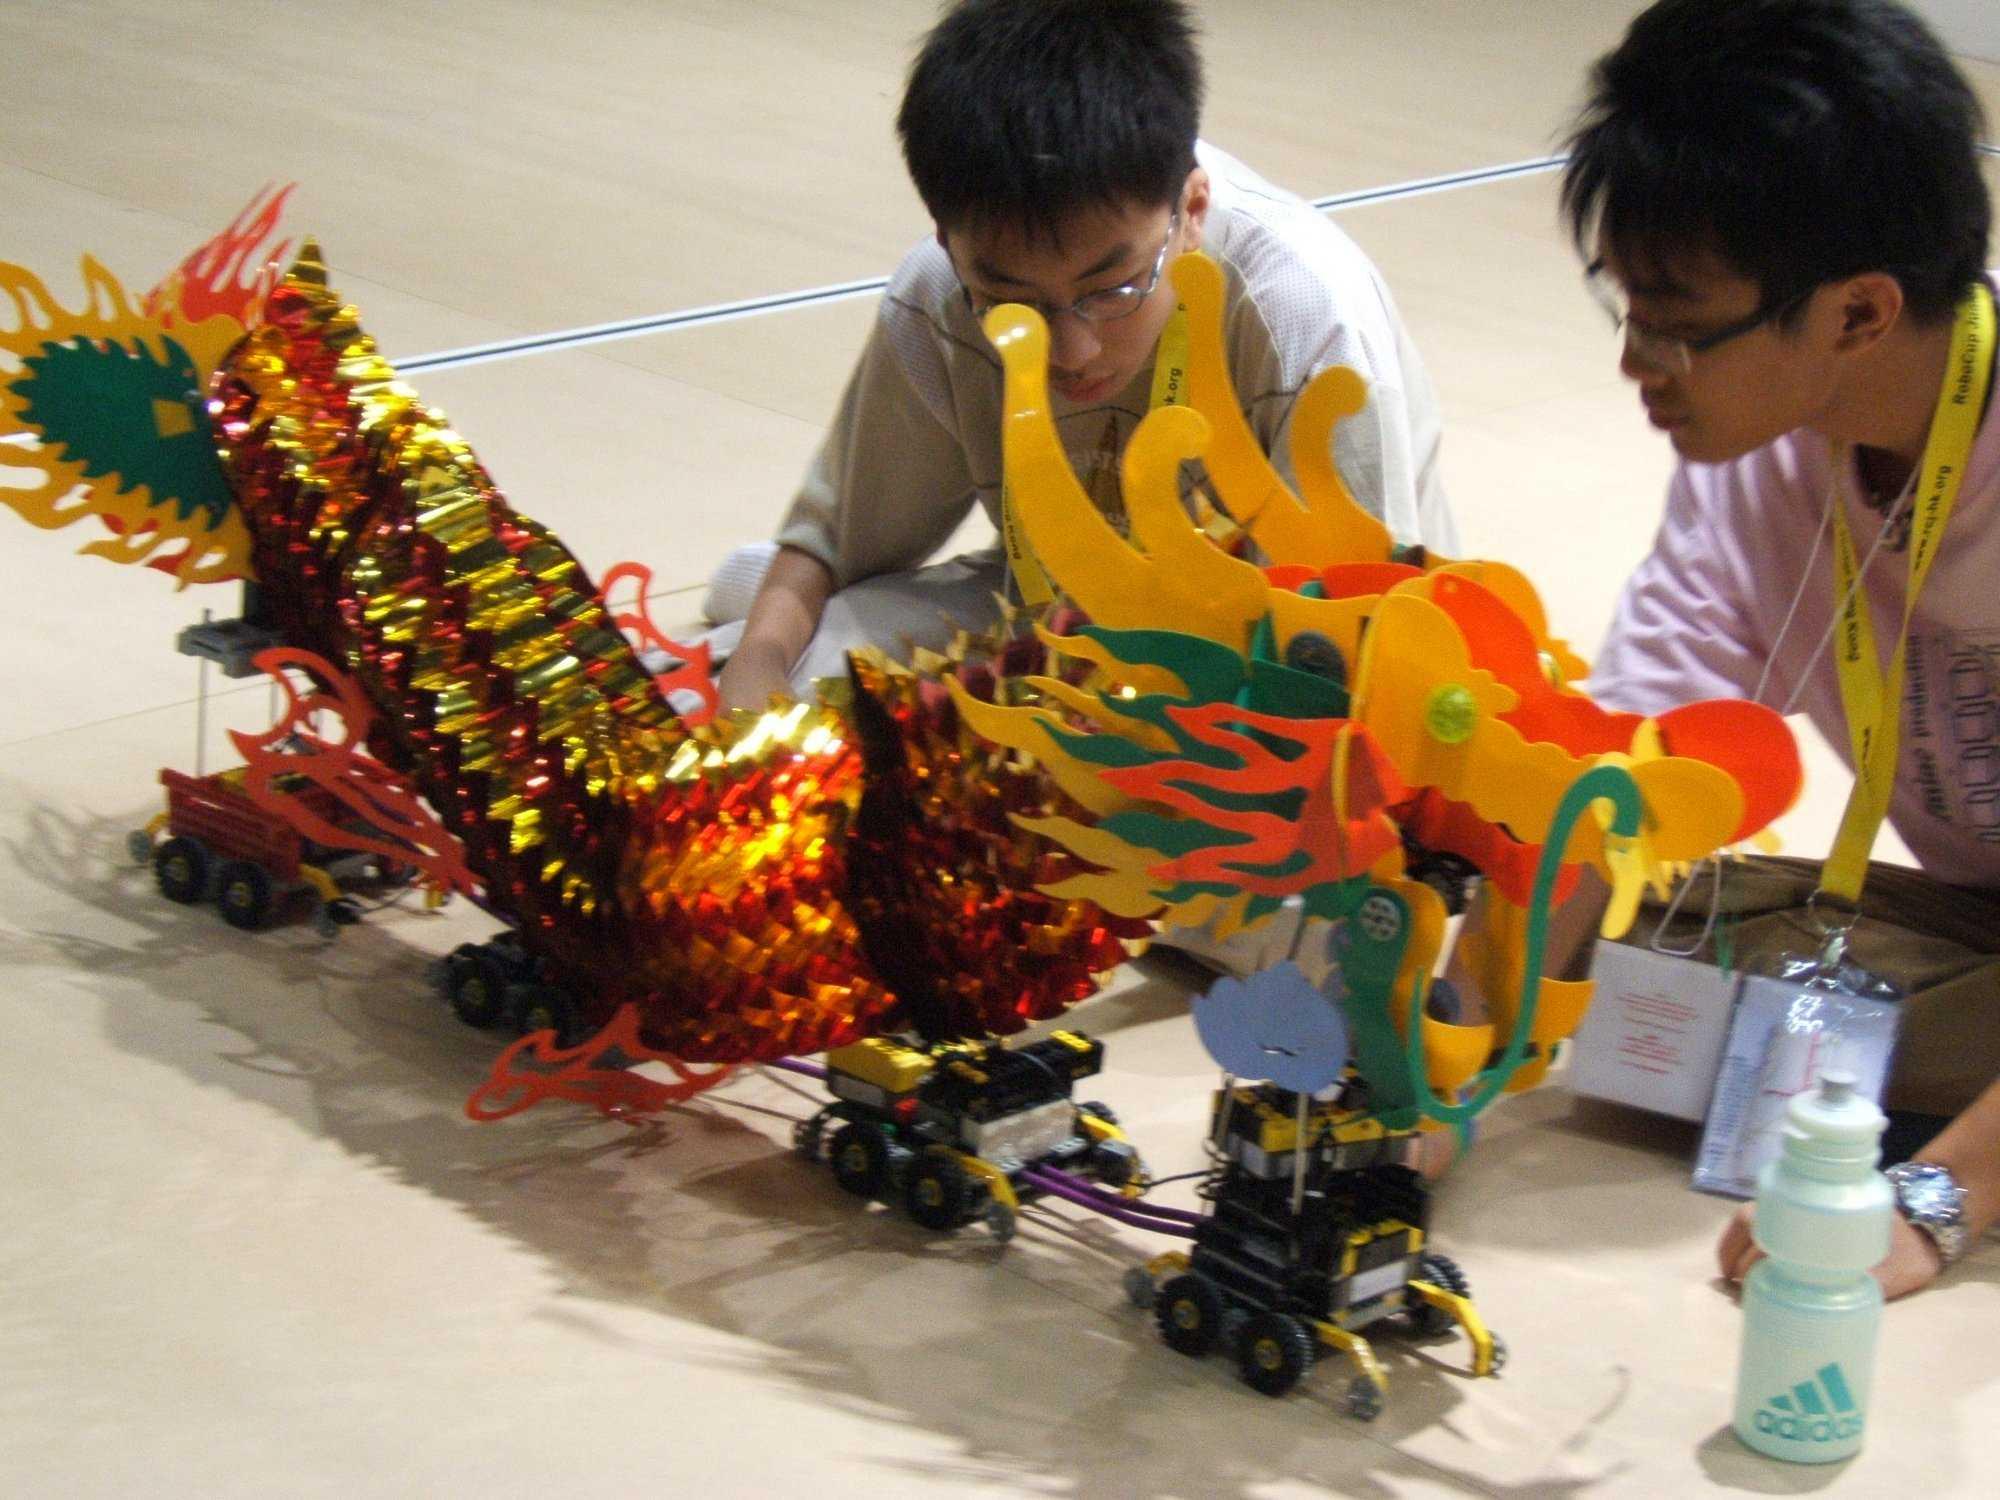 Vorbereitungen zum Junior-Tanzwettbewerb